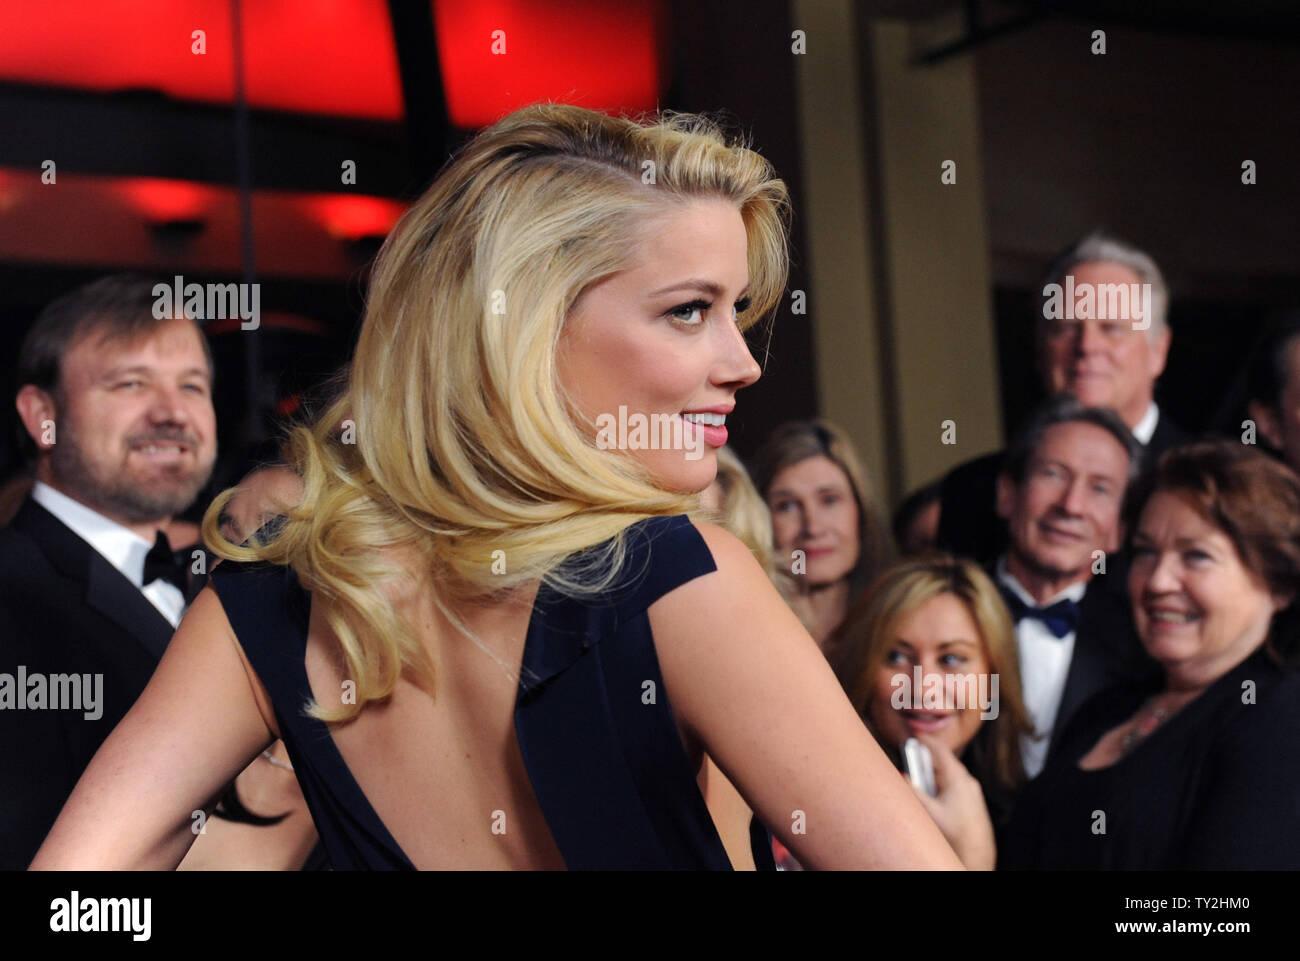 La actriz ámbar oído asiste a la 64ª anual de Directors Guild of America Awards en Los Angeles el 28 de enero de 2012. UPI/Jim Ruymen Imagen De Stock